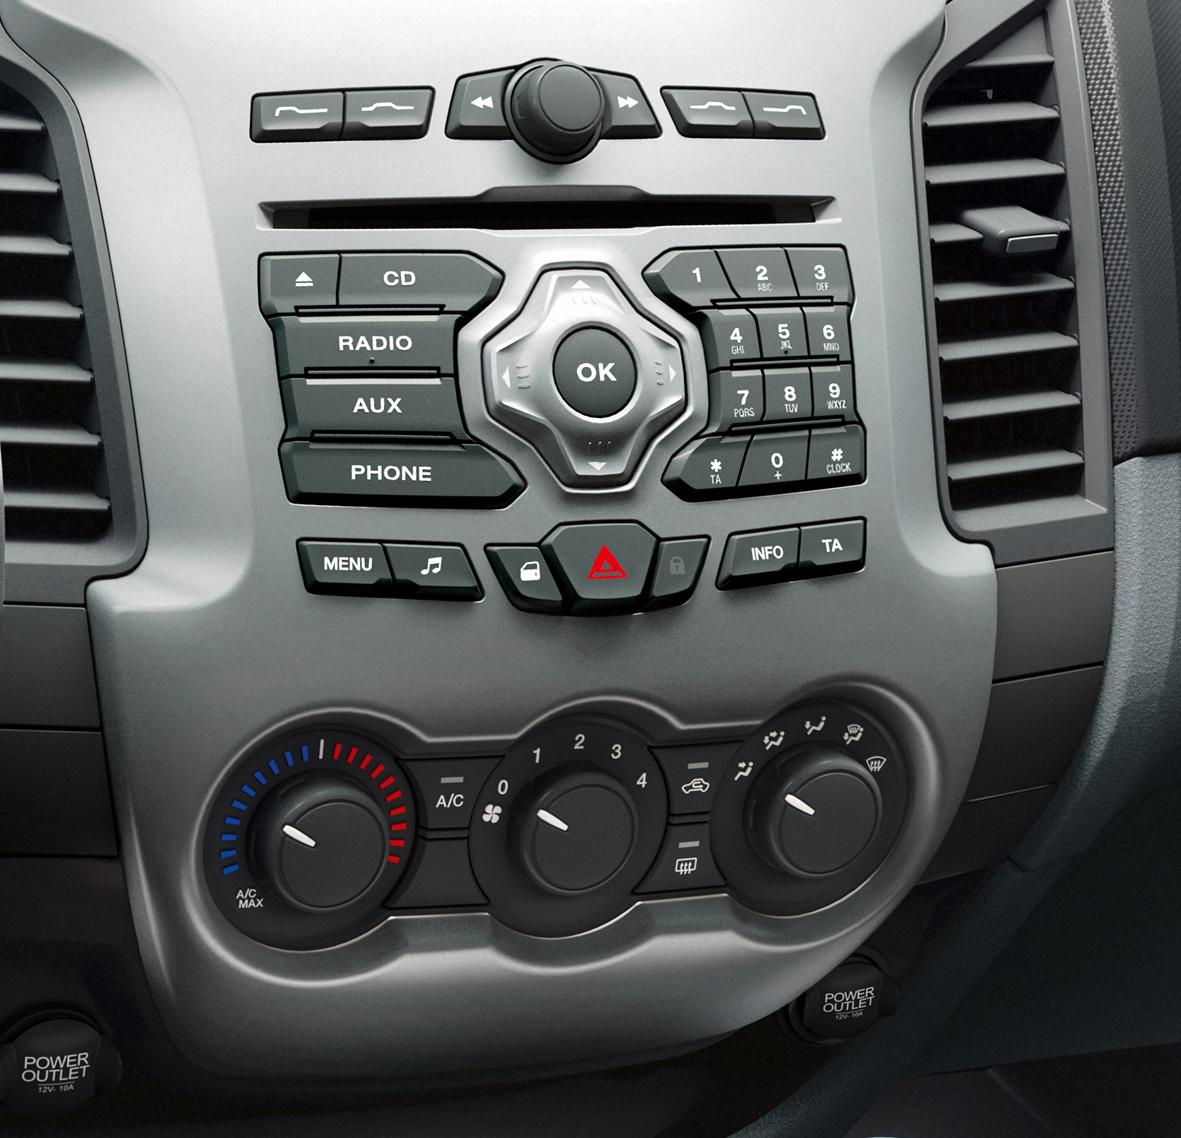 Ford Ranger 2013 para México interior estéreo